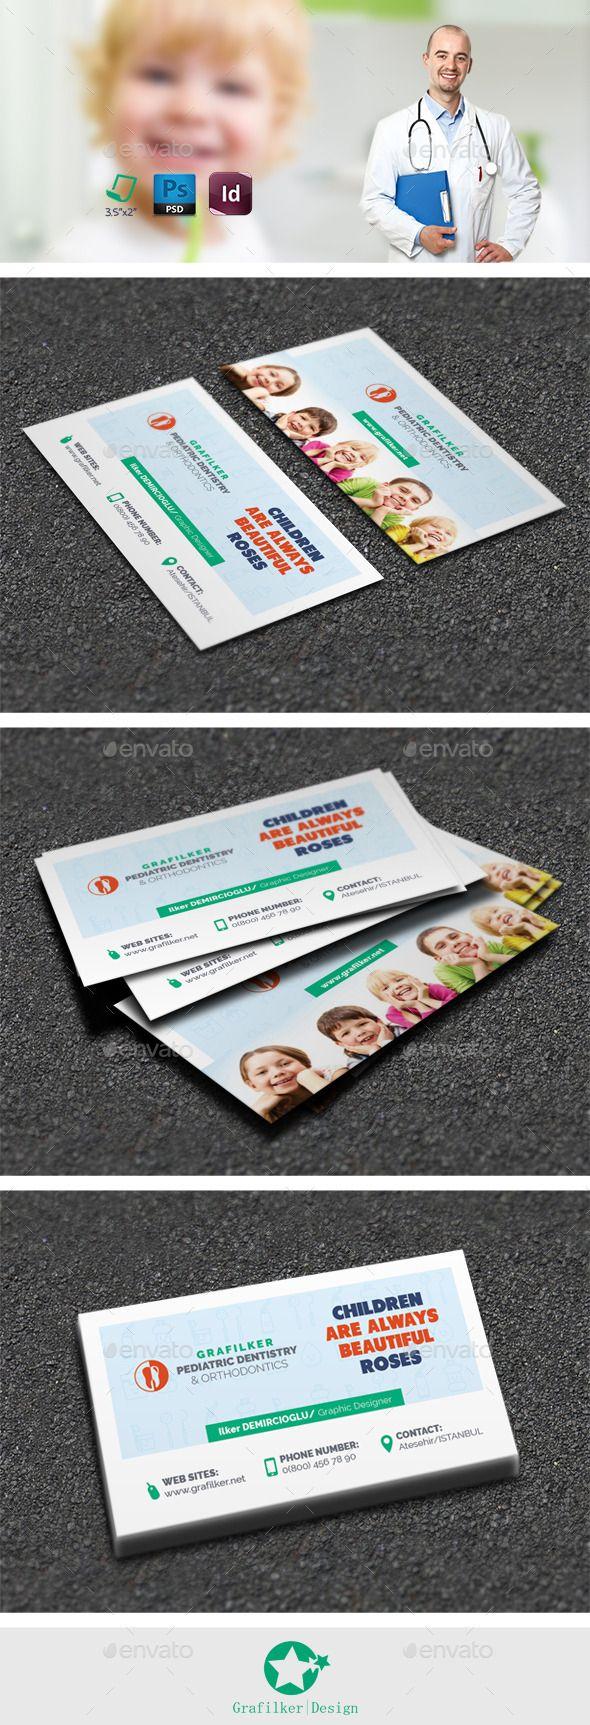 Kids Dental Business Card Templates | Tarjetas